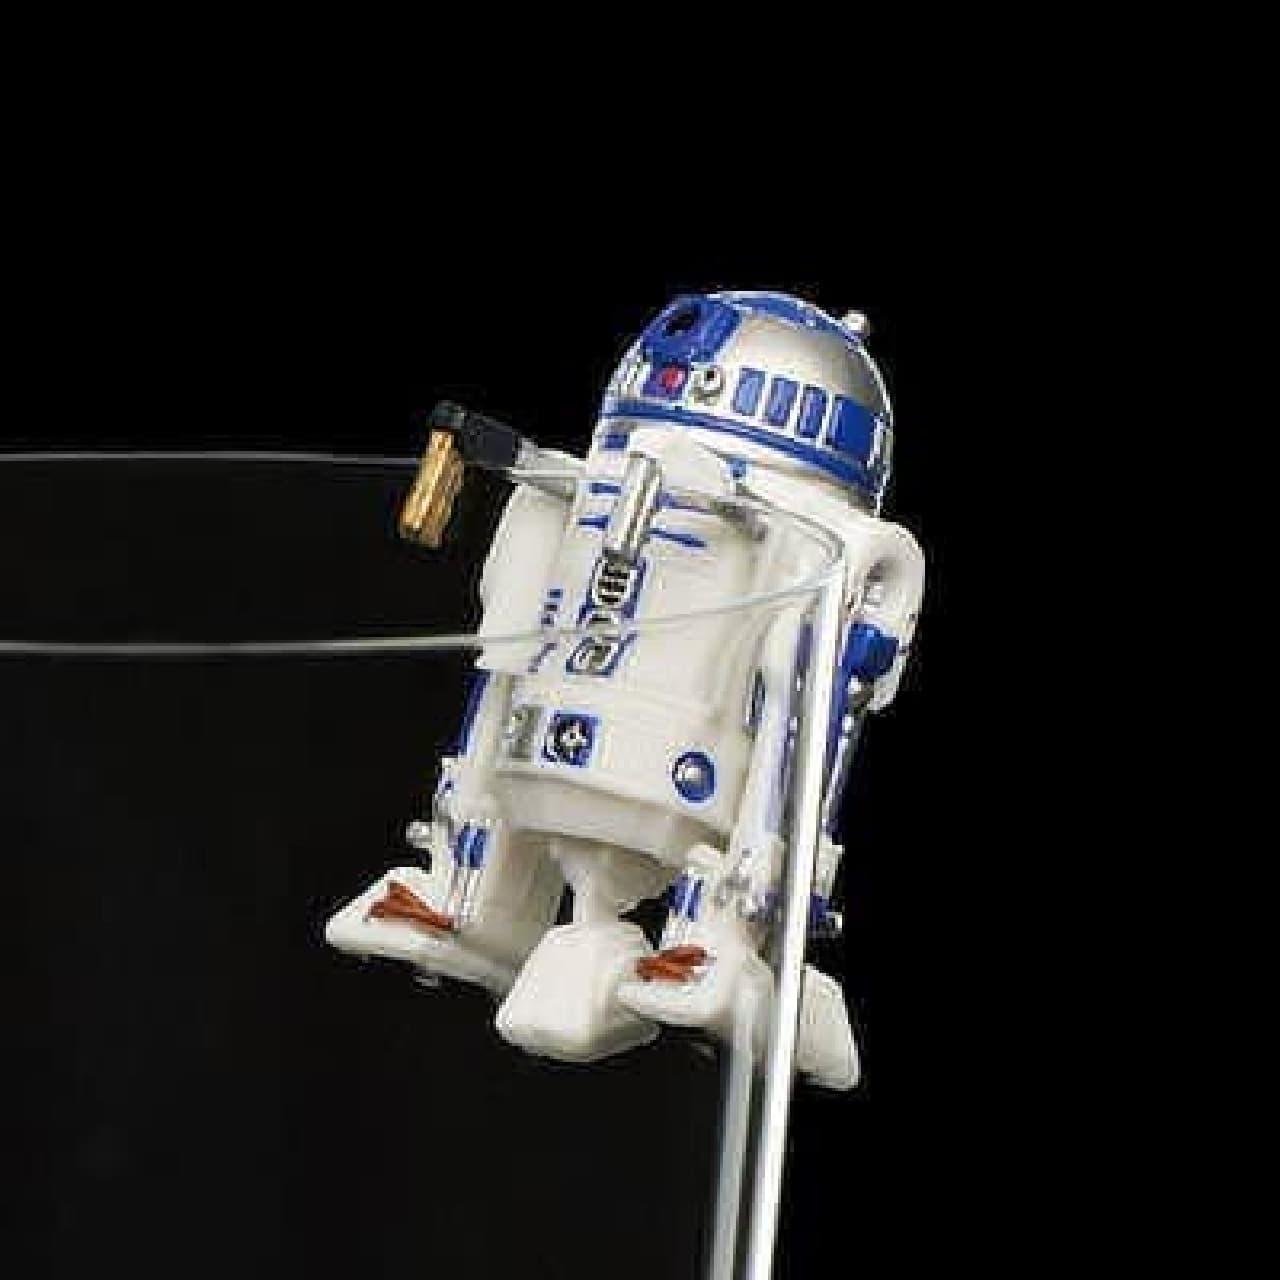 コップのフチに、スター・ウォーズ!  (C)& TM Lucasfilm Ltd.